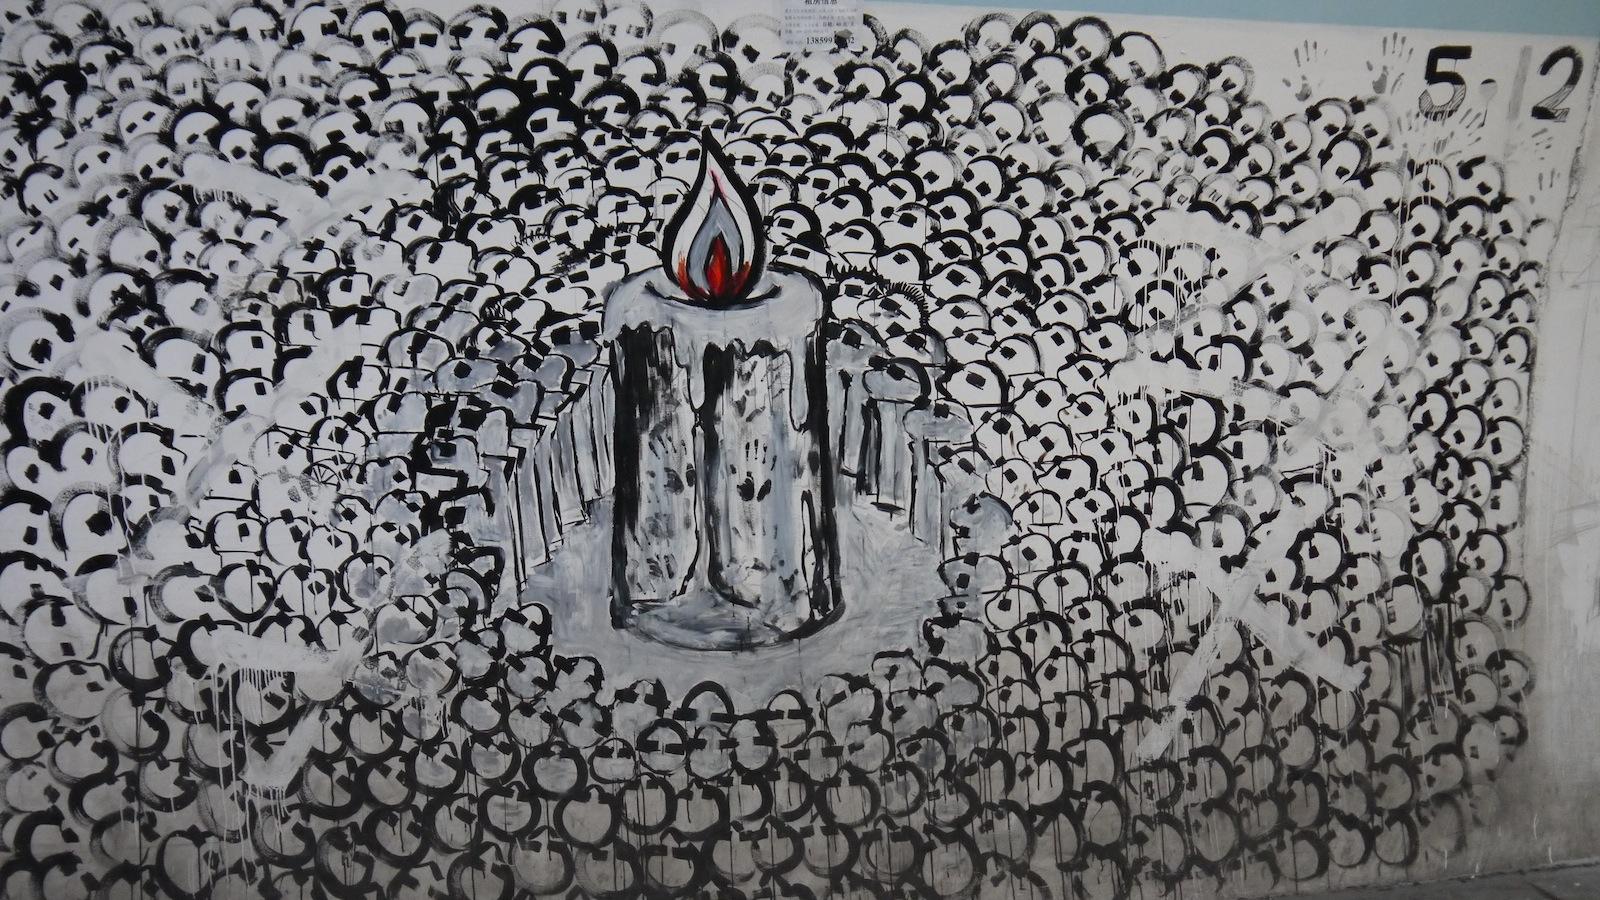 512大地震题材的涂鸦